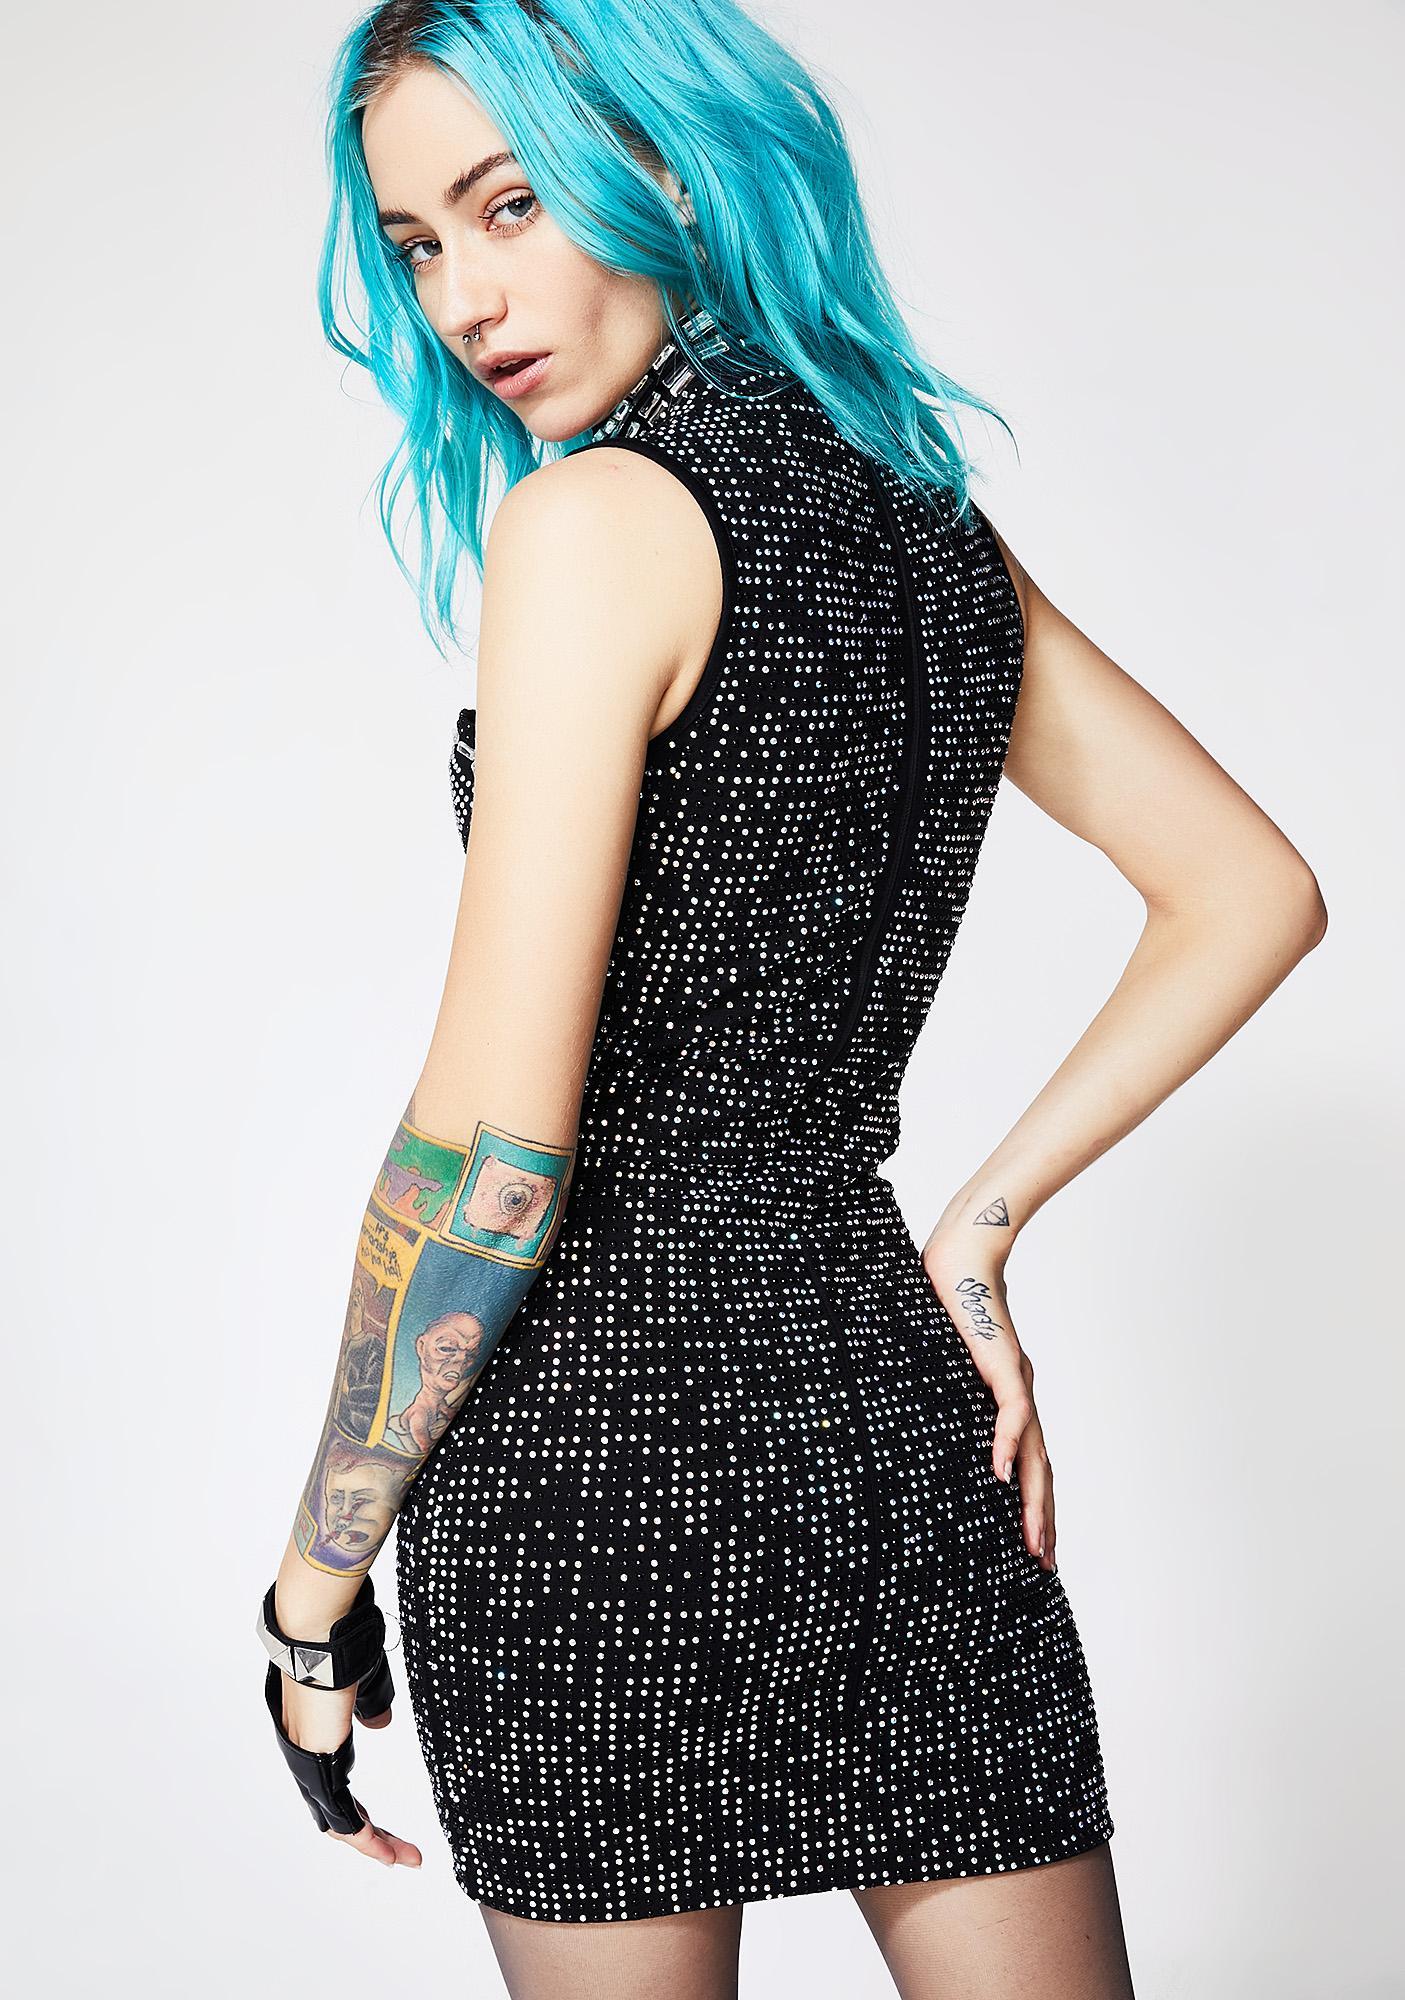 Kiki Riki Sparkle Me Choker Dress